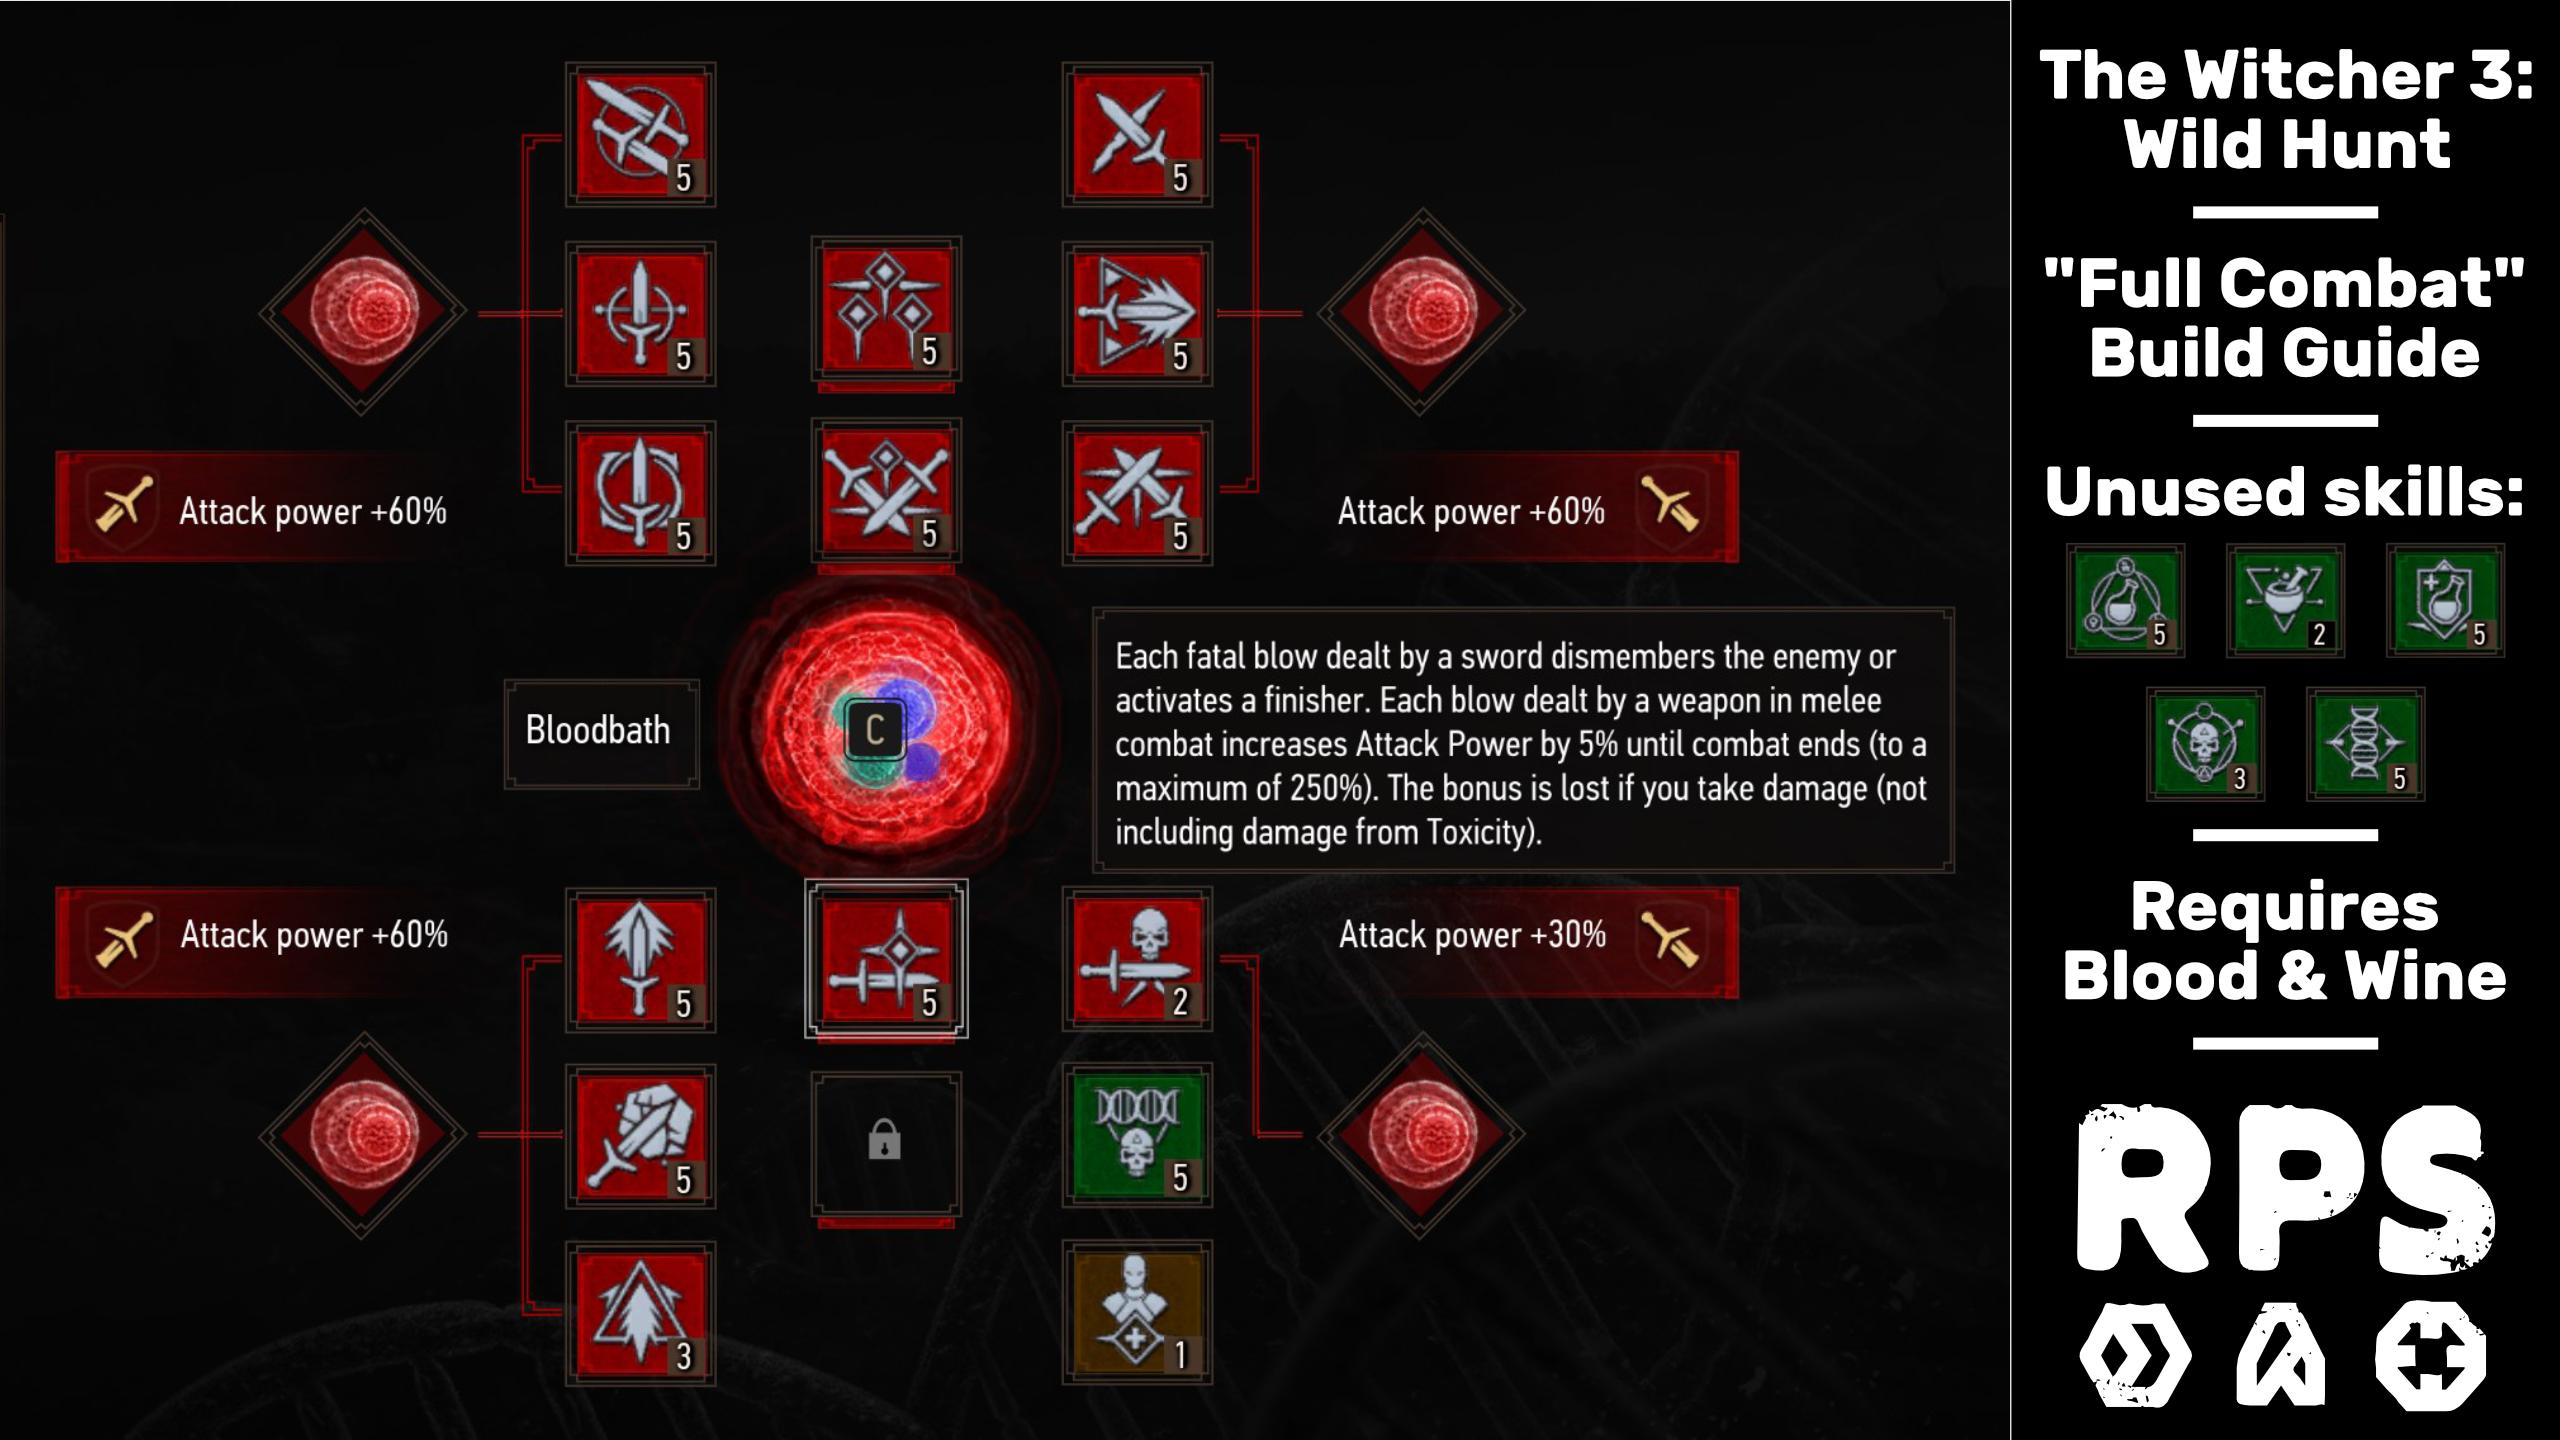 Construcciones de The Witcher 3: construcción de combate completo